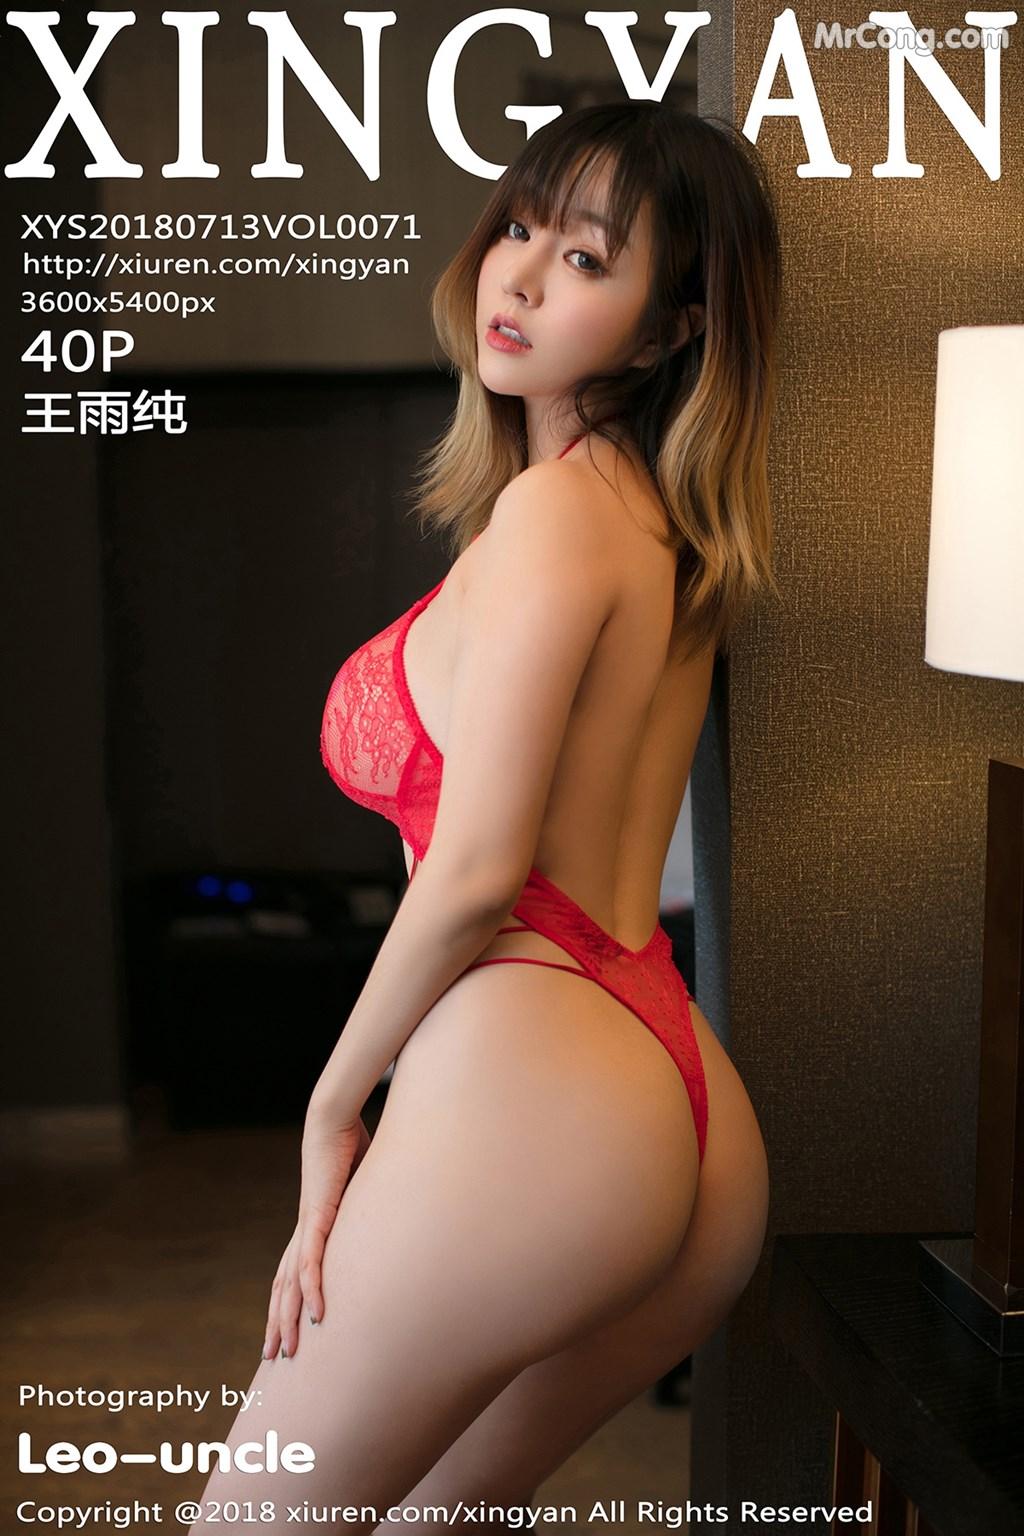 XingYan Vol.071: Người mẫu Wang Yu Chun (王雨纯) (41 ảnh)